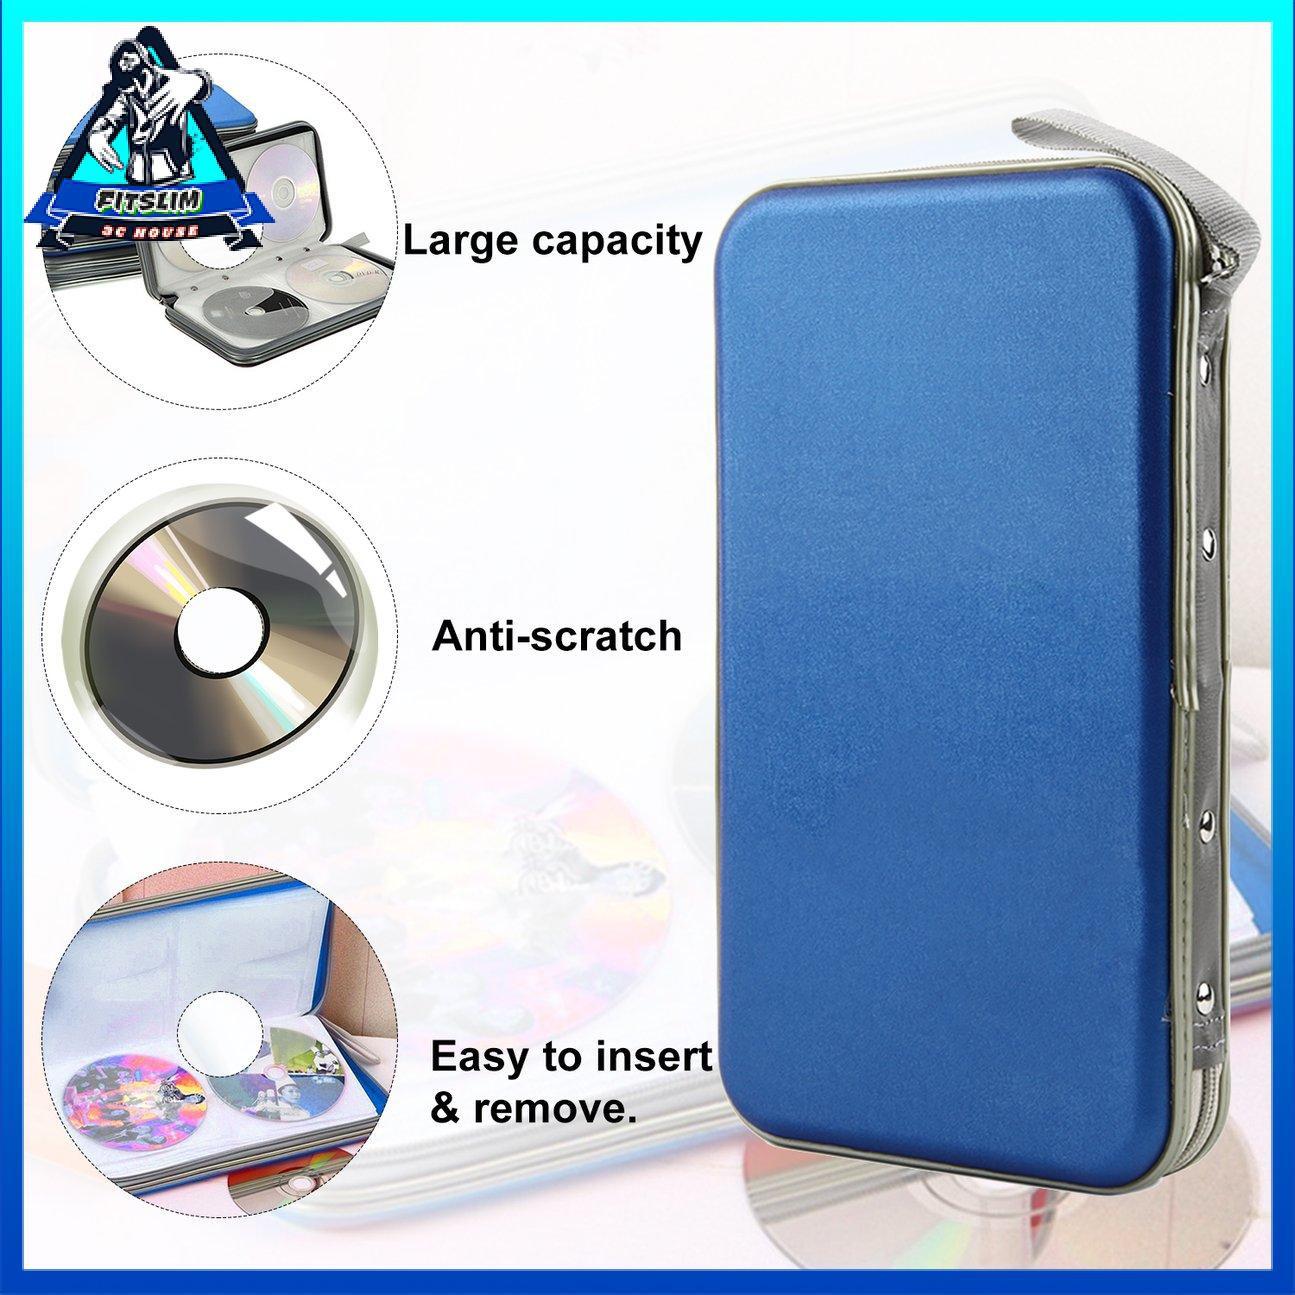 Hộp đựng đĩa có dây kéo Hộp đựng đĩa 80 PCS Giá đỡ đĩa CD VCD Hộp cứng di động